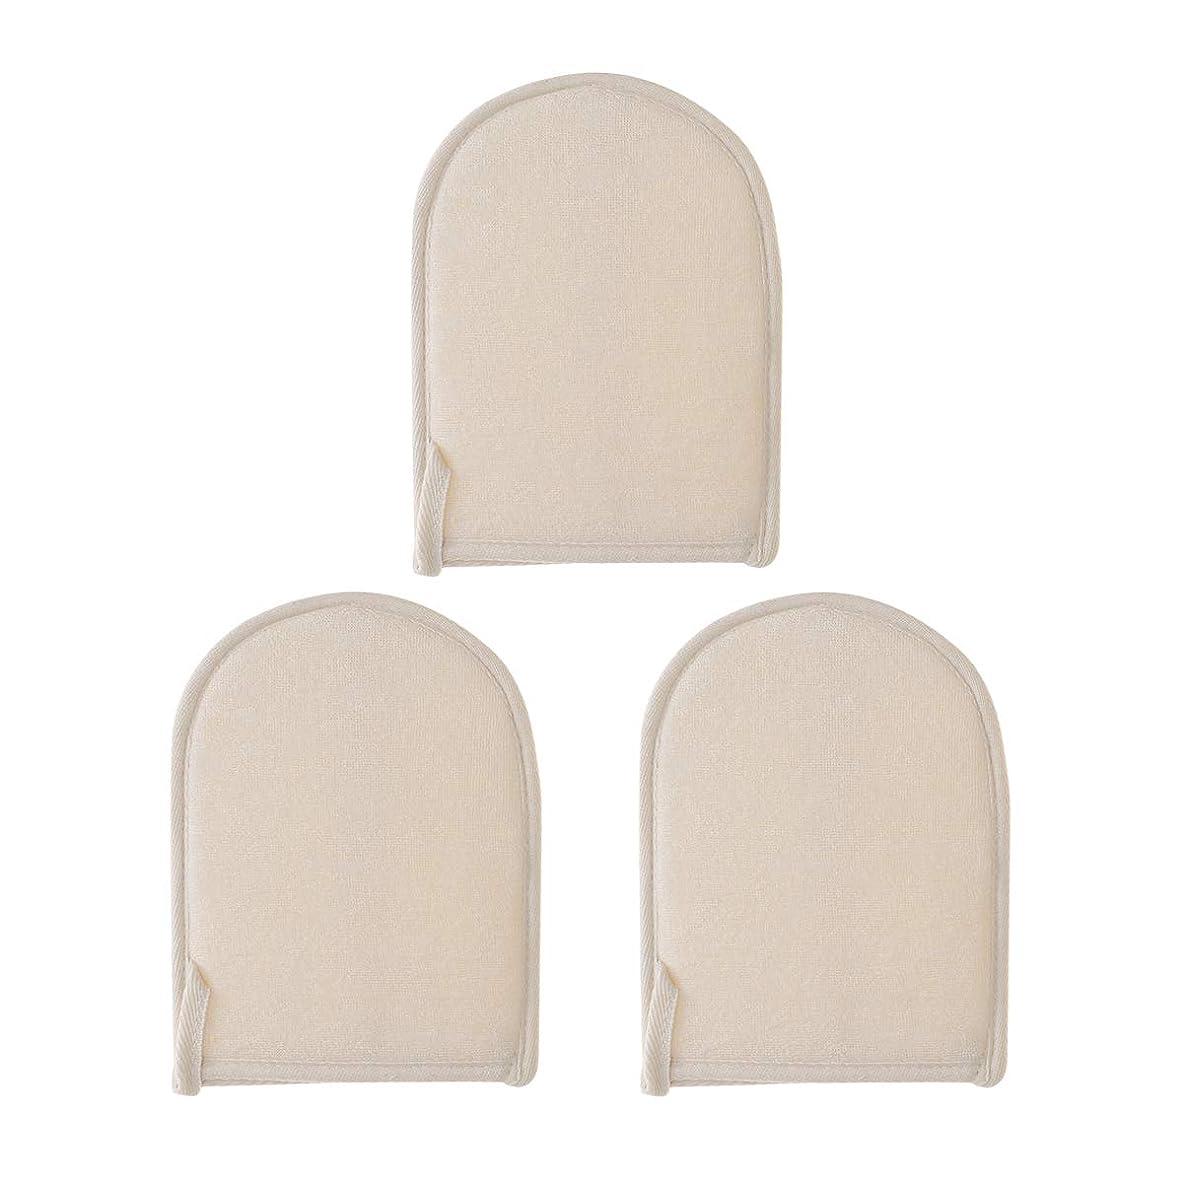 手荷物手順手順Healifty シャワー用手袋Loofah手袋お風呂角質除去スクラバー3本